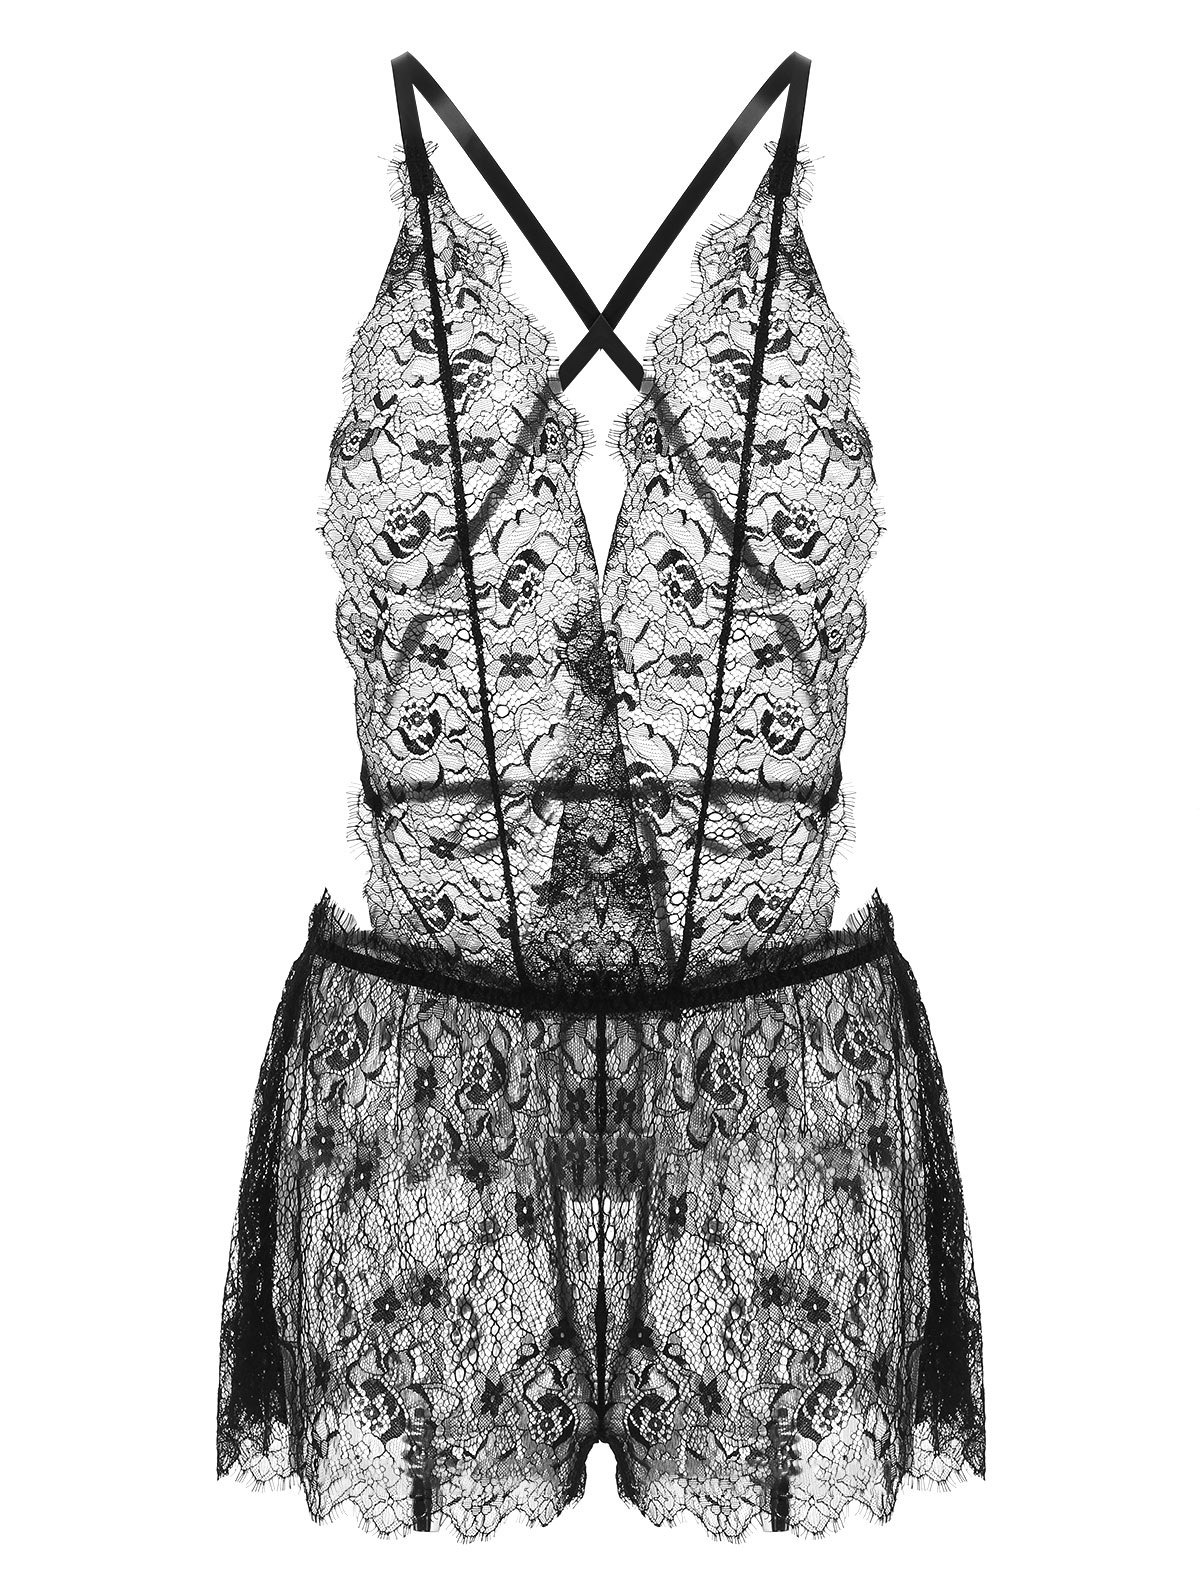 Sheer Lace Low Cut Halter Bodysuit 259859301